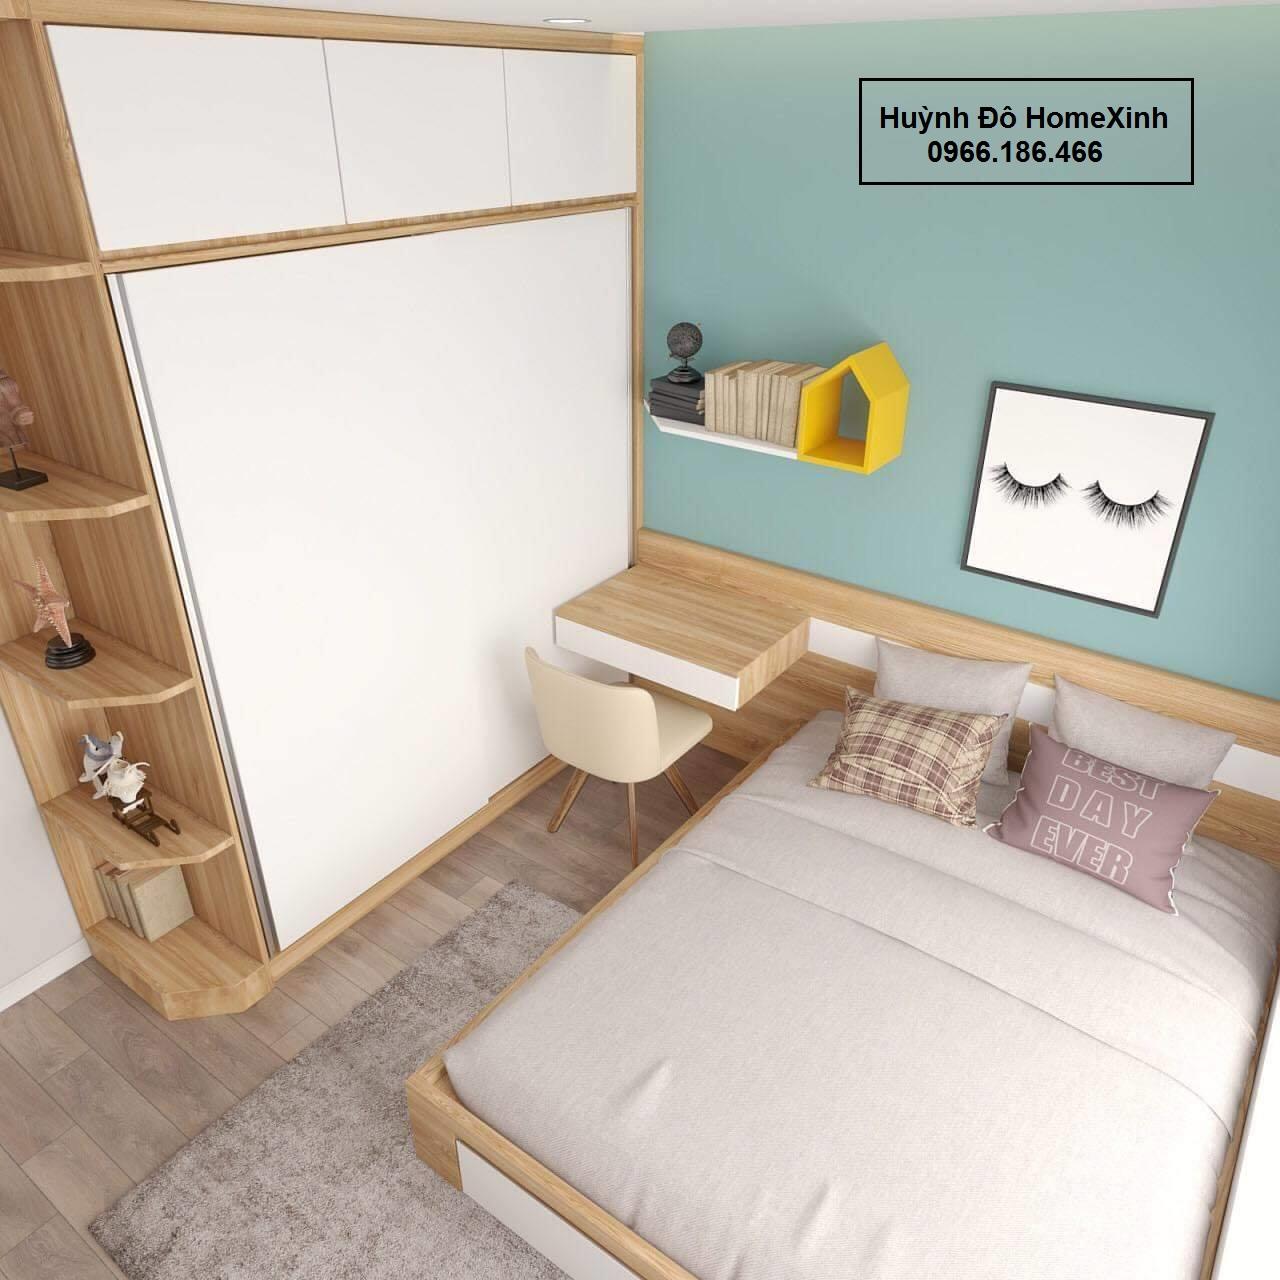 Mẫu nội thất phòng ngủ - Tủ áo cánh lùa đẹp, hiện đại